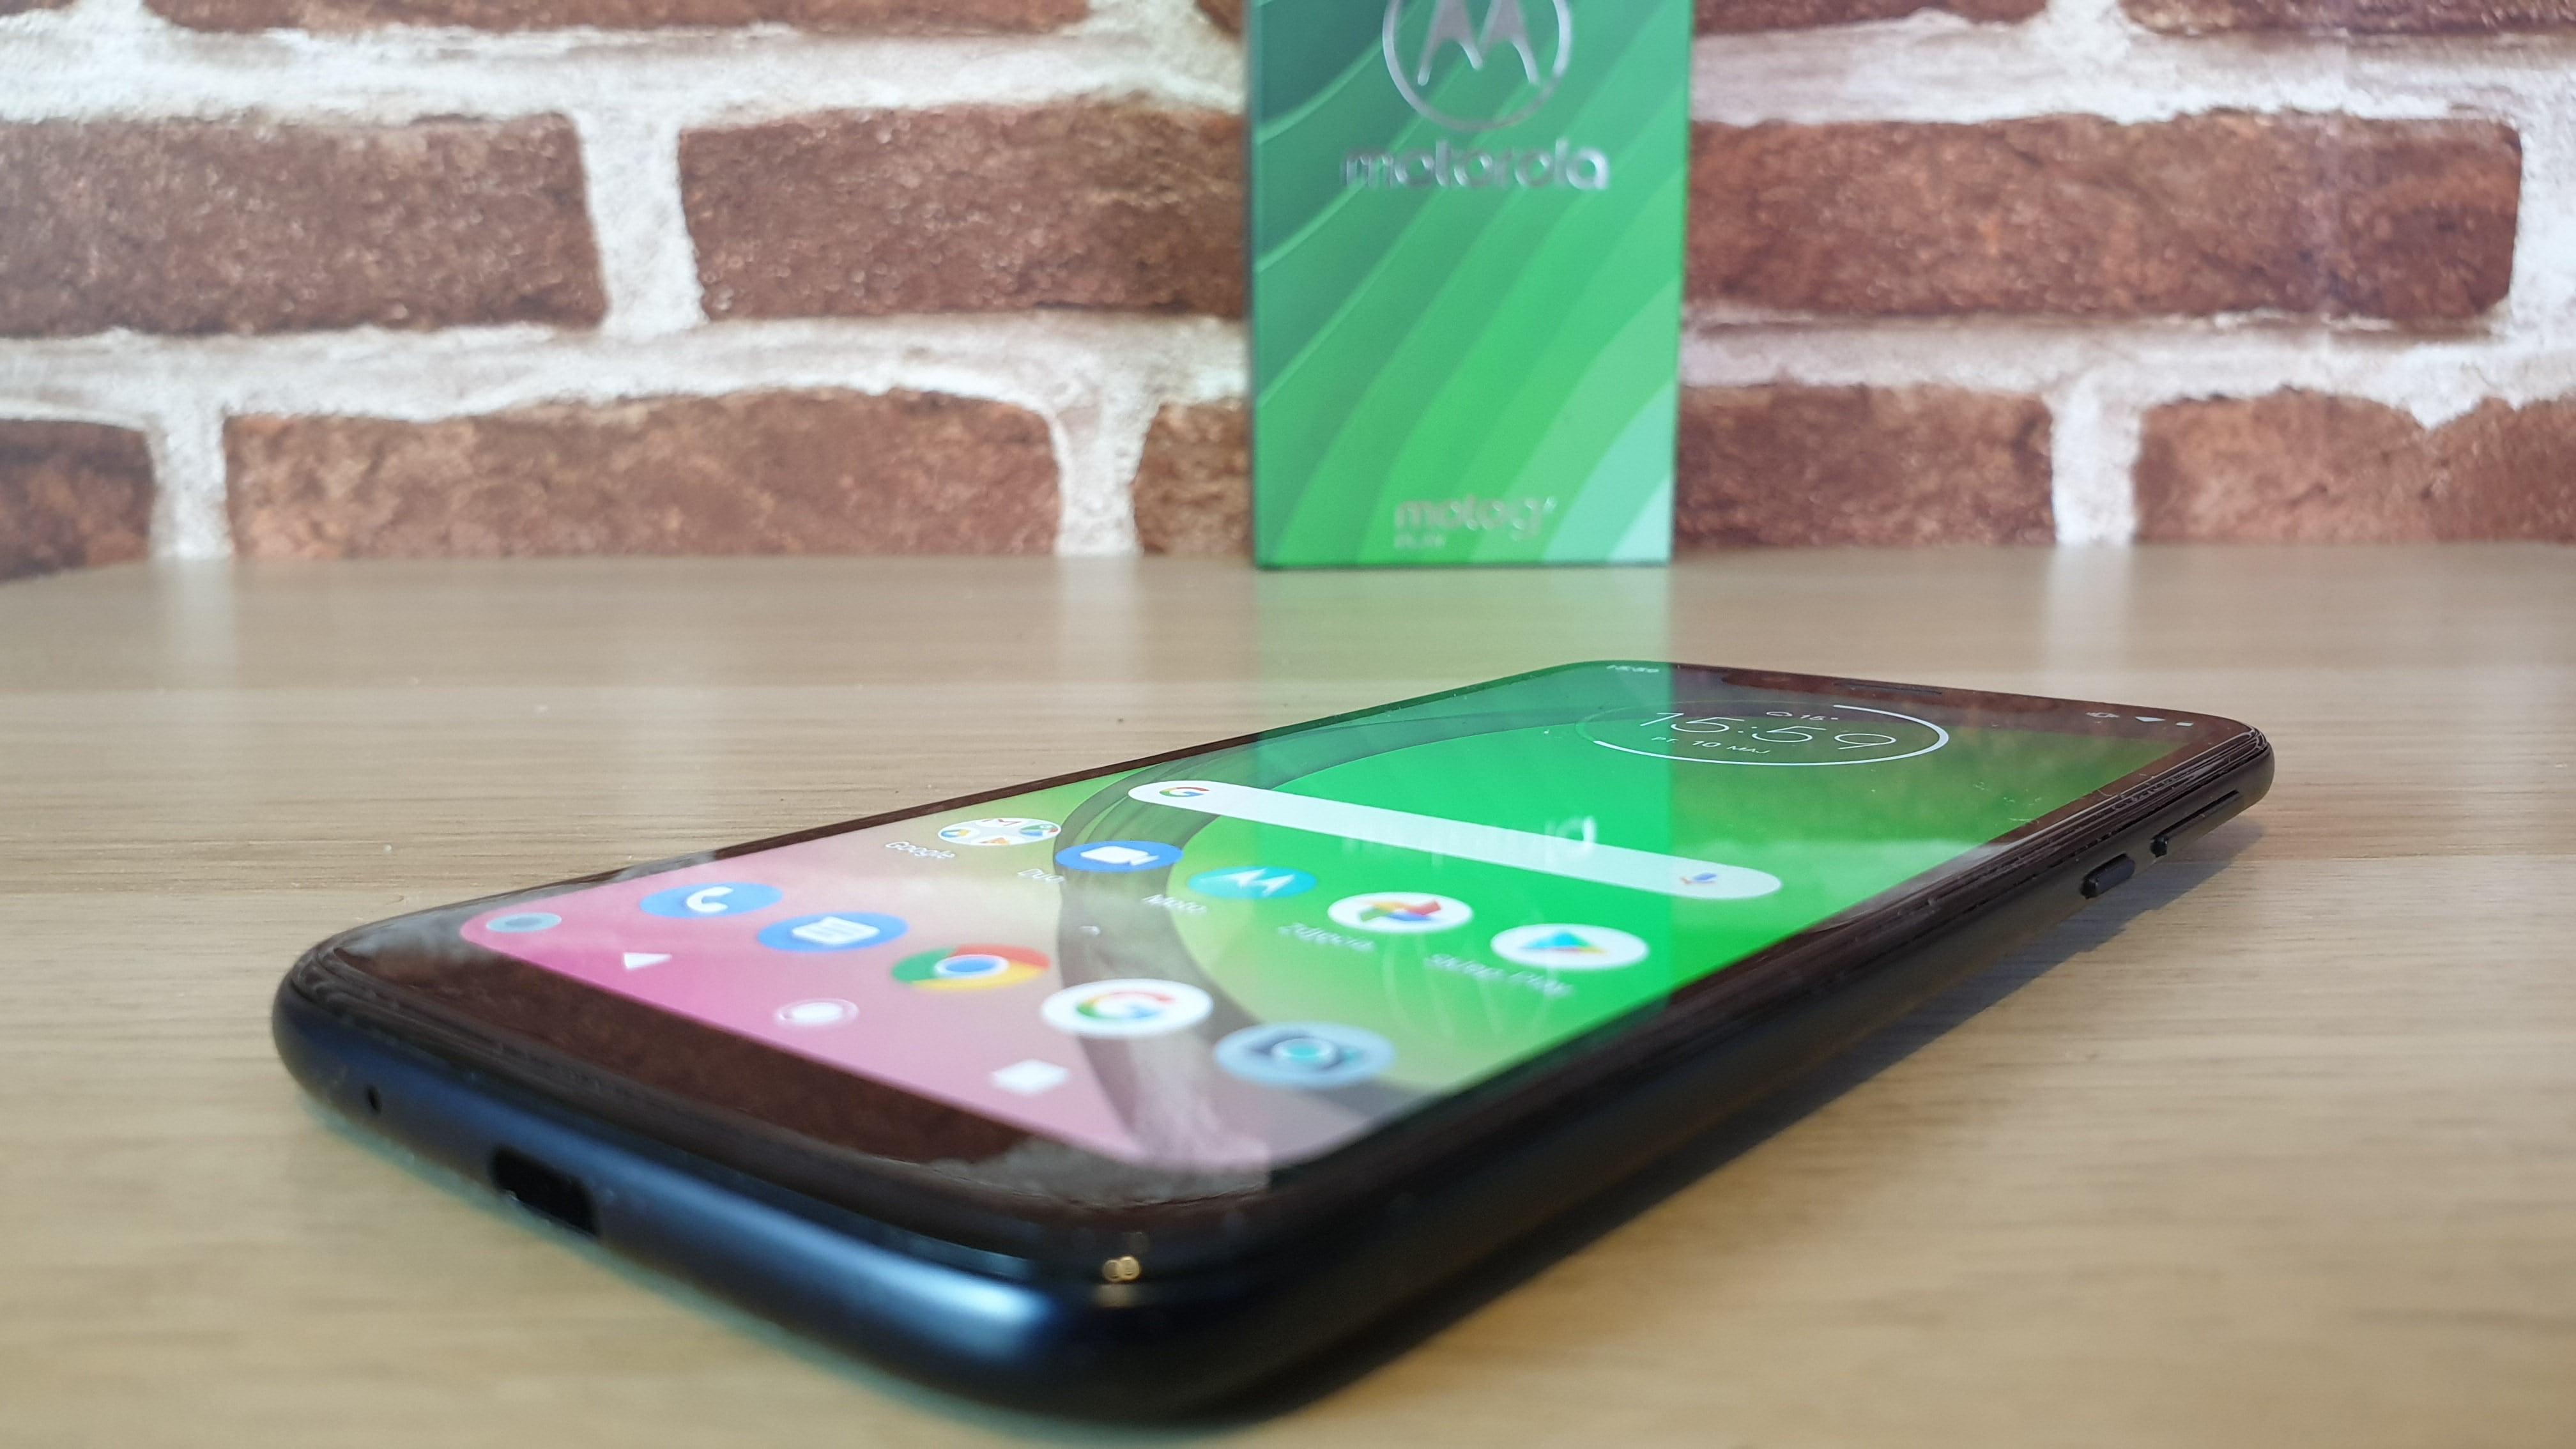 Recenzja Motoroli Moto G7 Play - czy to najlepszy smartfon do 700 złotych? 37